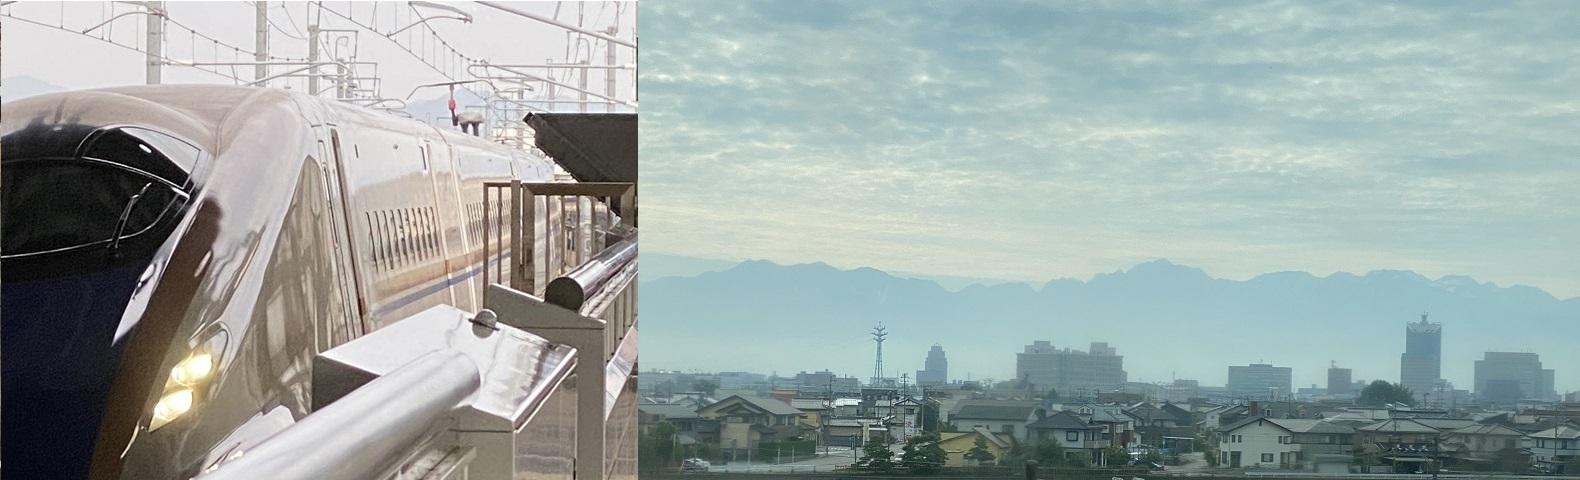 遠い東京で、、、正論を言える反骨があるか_b0115629_19360532.jpg